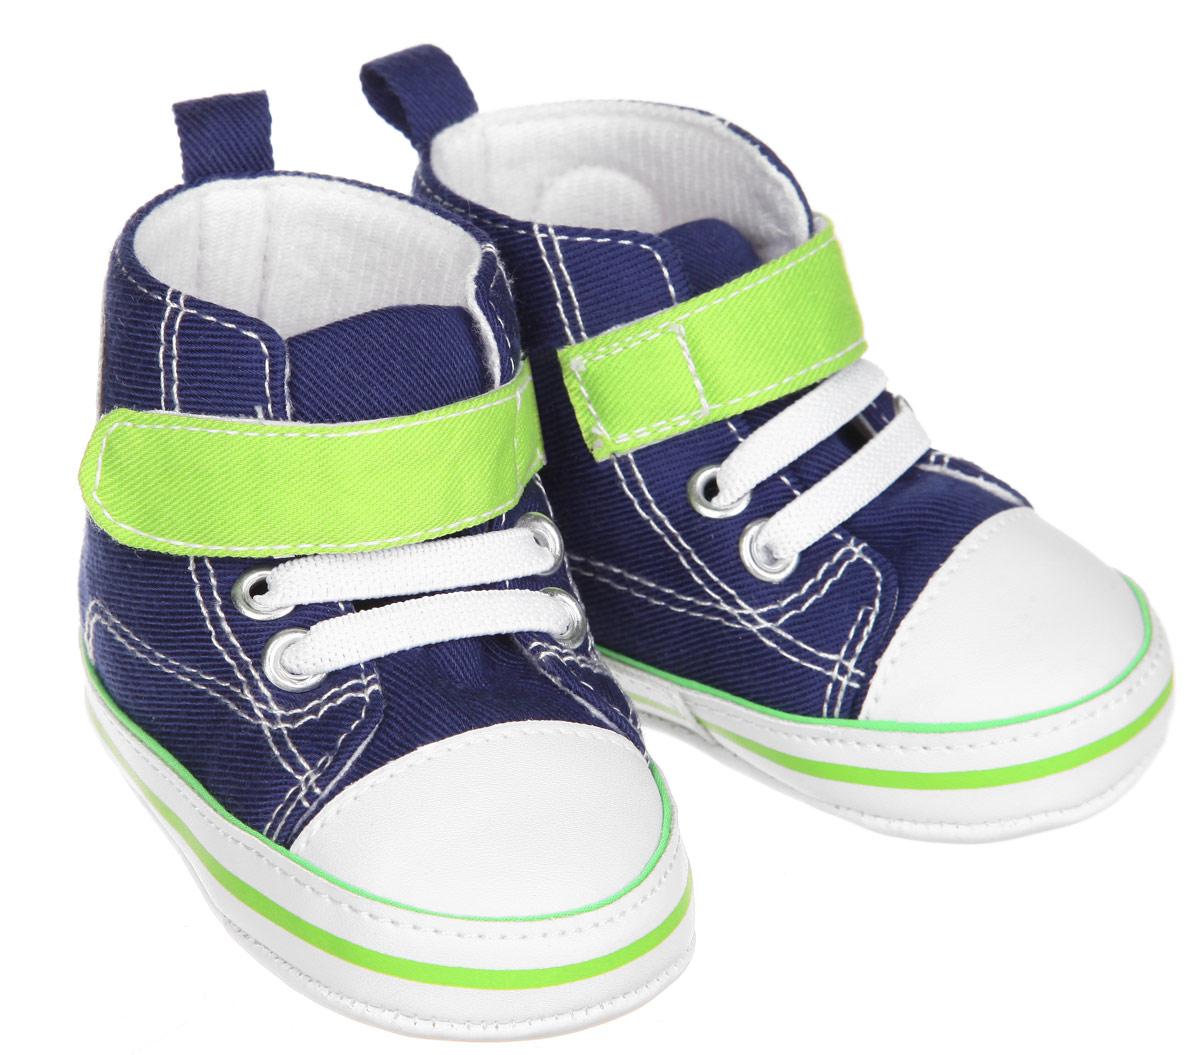 Пинетки12030Пинетки для мальчика Luvable Friends, стилизованные под высокие кроссовки, станут отличным дополнением к гардеробу малыша. Изделие выполнено из хлопка и полиэстера. Модель дополнена эластичной шнуровкой и удобным хлястиком на застежке-липучке, которые надежно фиксируют пинетки на ножке ребенка. На стопе предусмотрен прорезиненный рельефный рисунок, благодаря которому ребенок не будет скользить. Изделие оформлено нашивкой с фирменным логотипом. Мягкие, не сдавливающие ножку материалы делают модель практичной и популярной. Такие пинетки - отличное решение для малышей и их родителей!